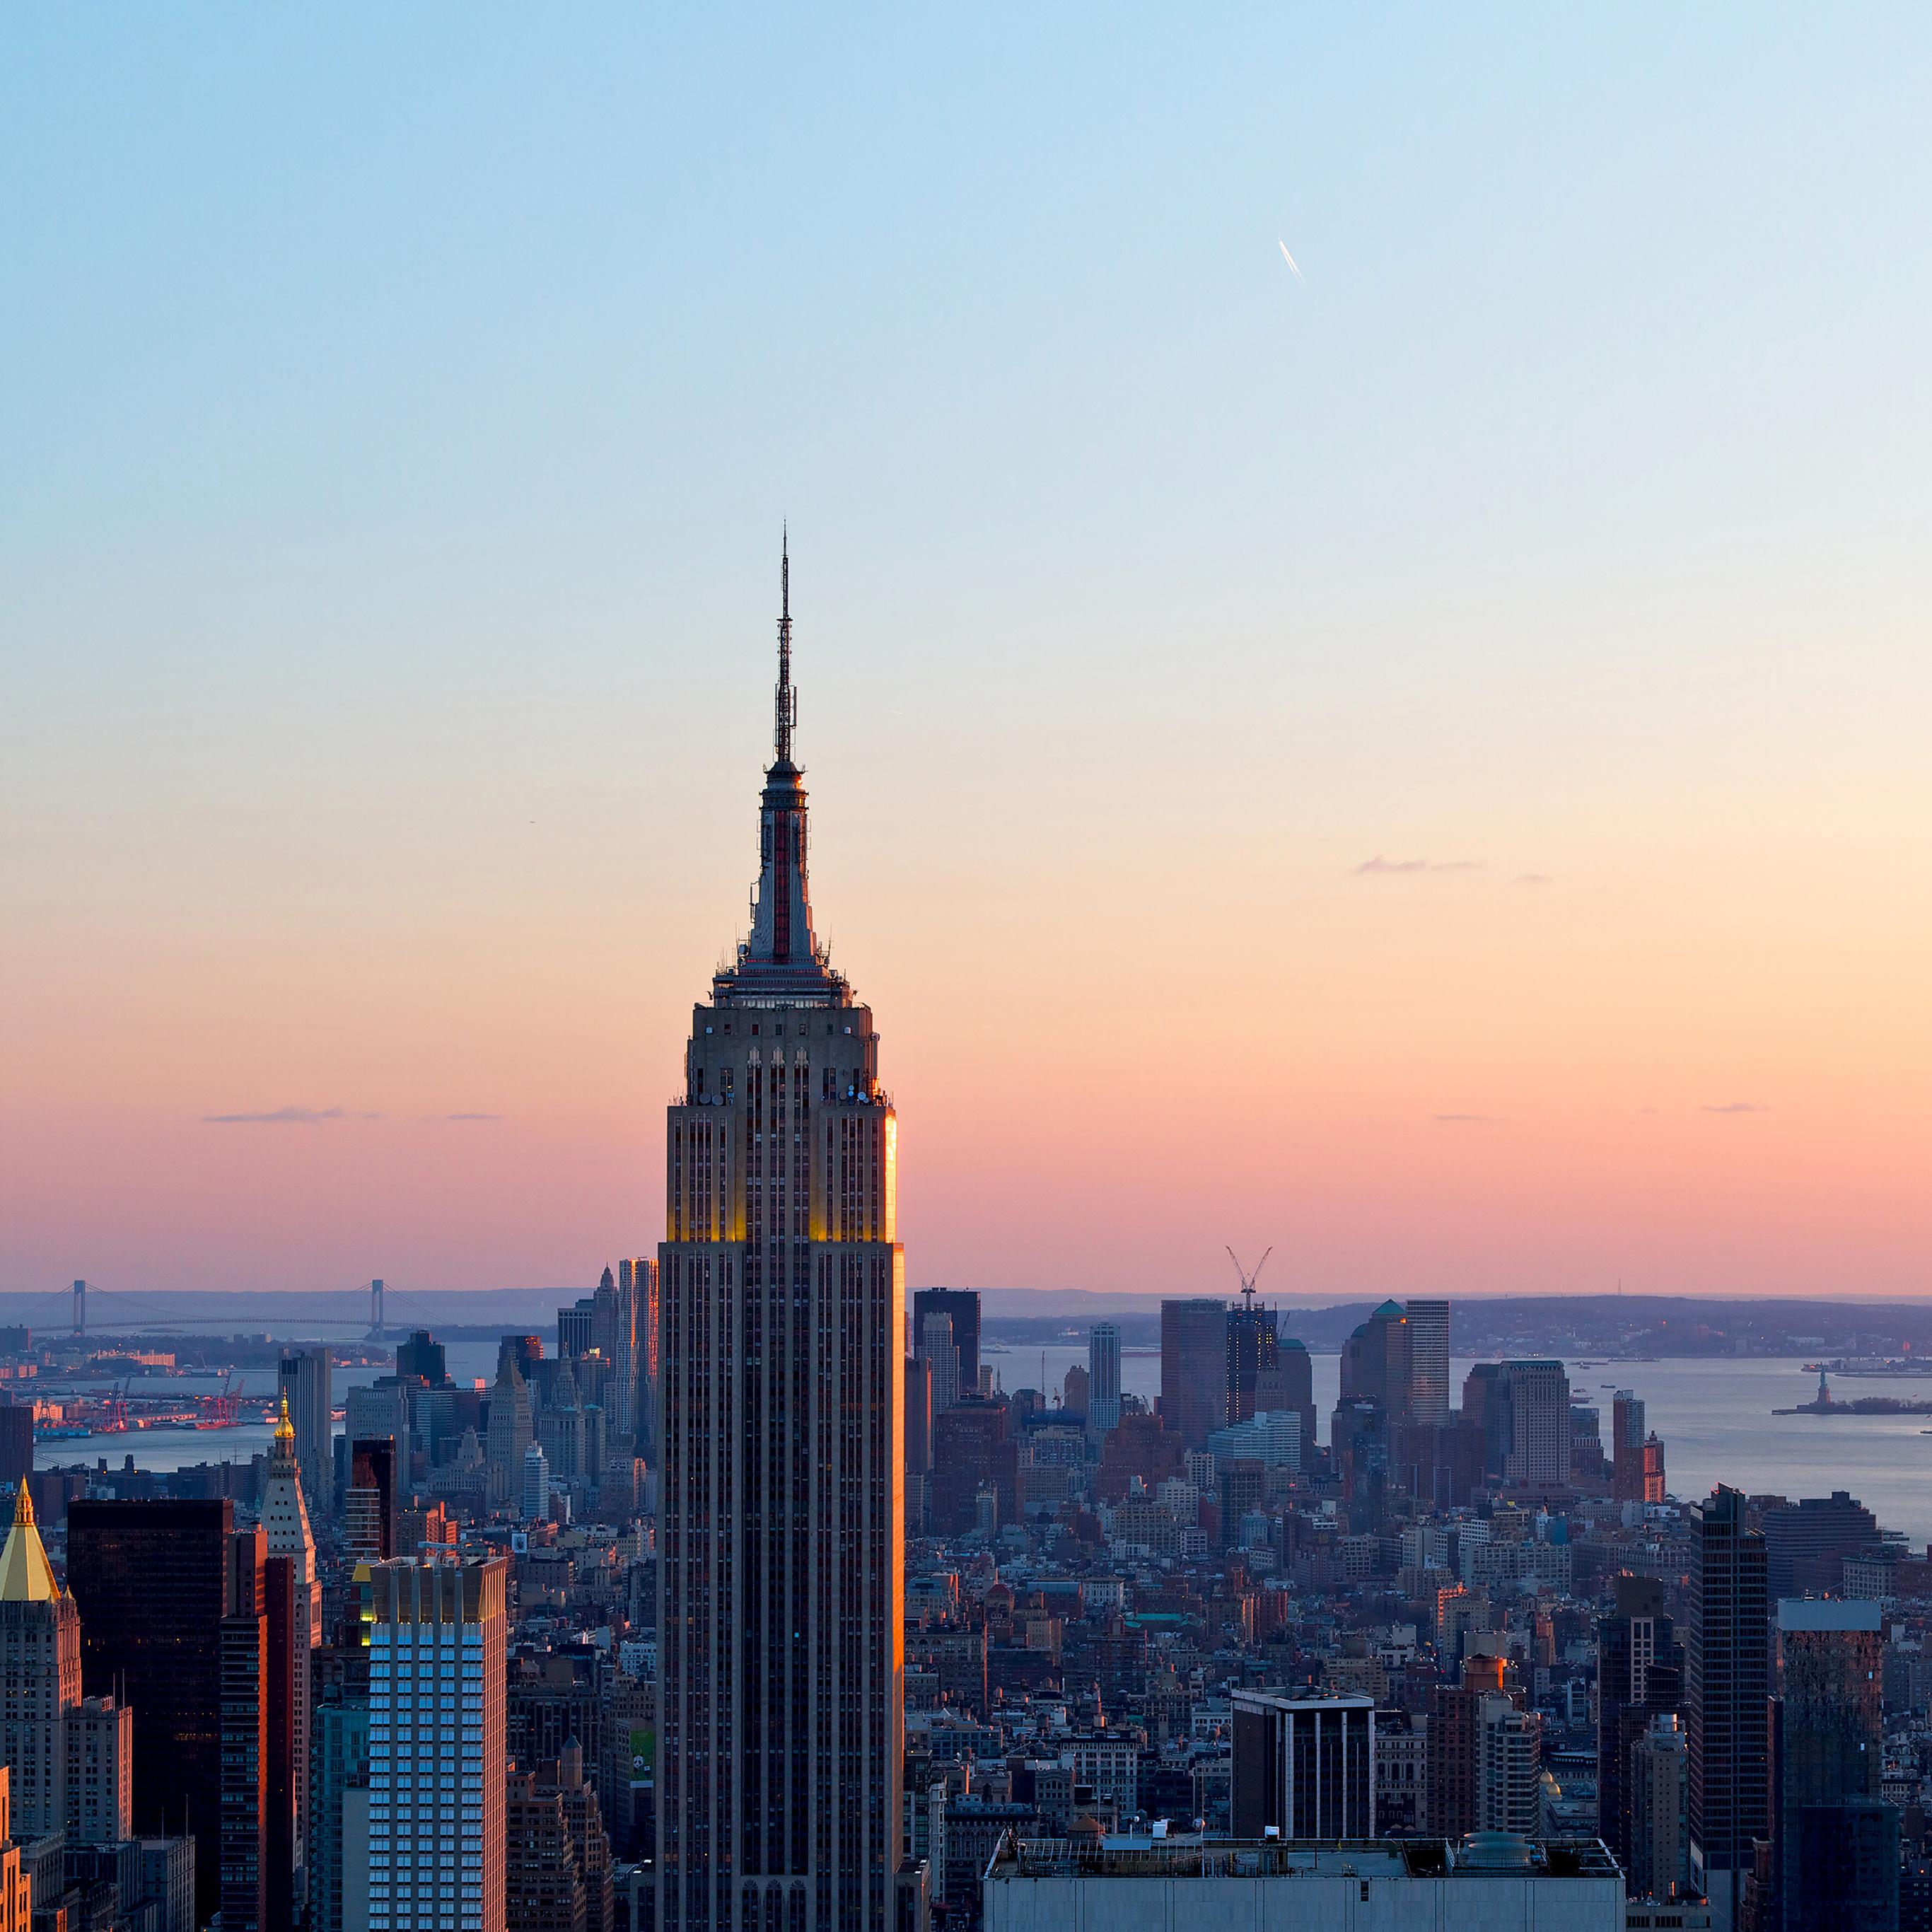 New York Skyline Wallpaper: Me71-dusk-new-york-skyline-city